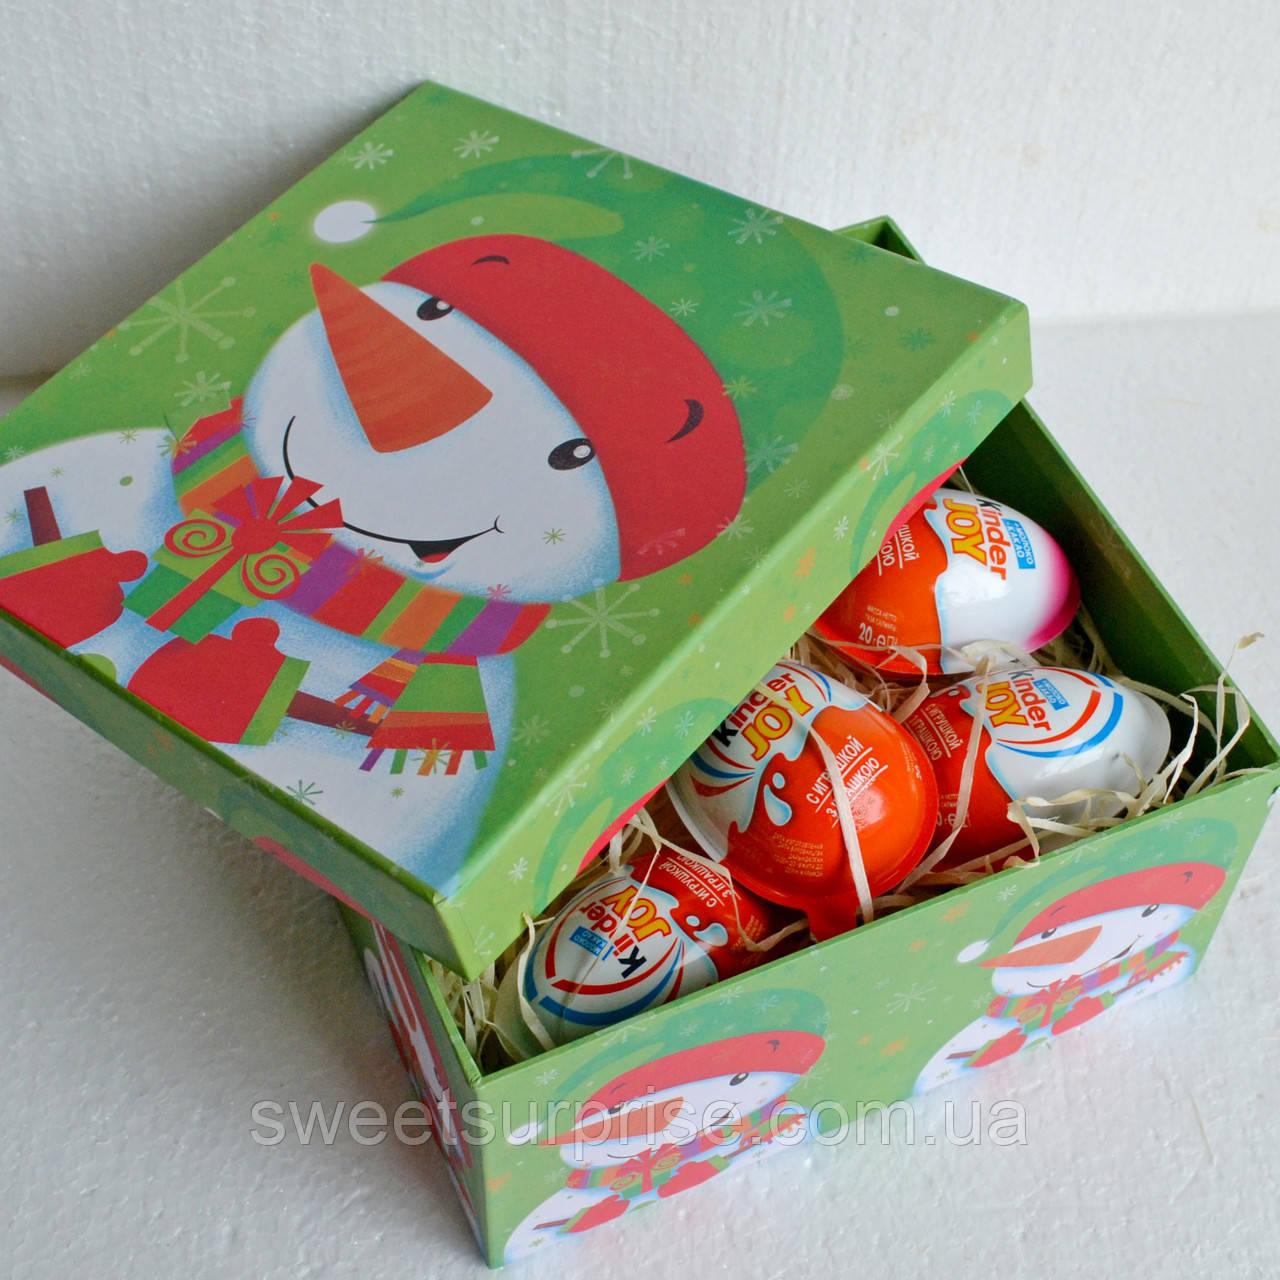 Подарки и сюрпризы ребенку на Новый год Идеи для детской 24